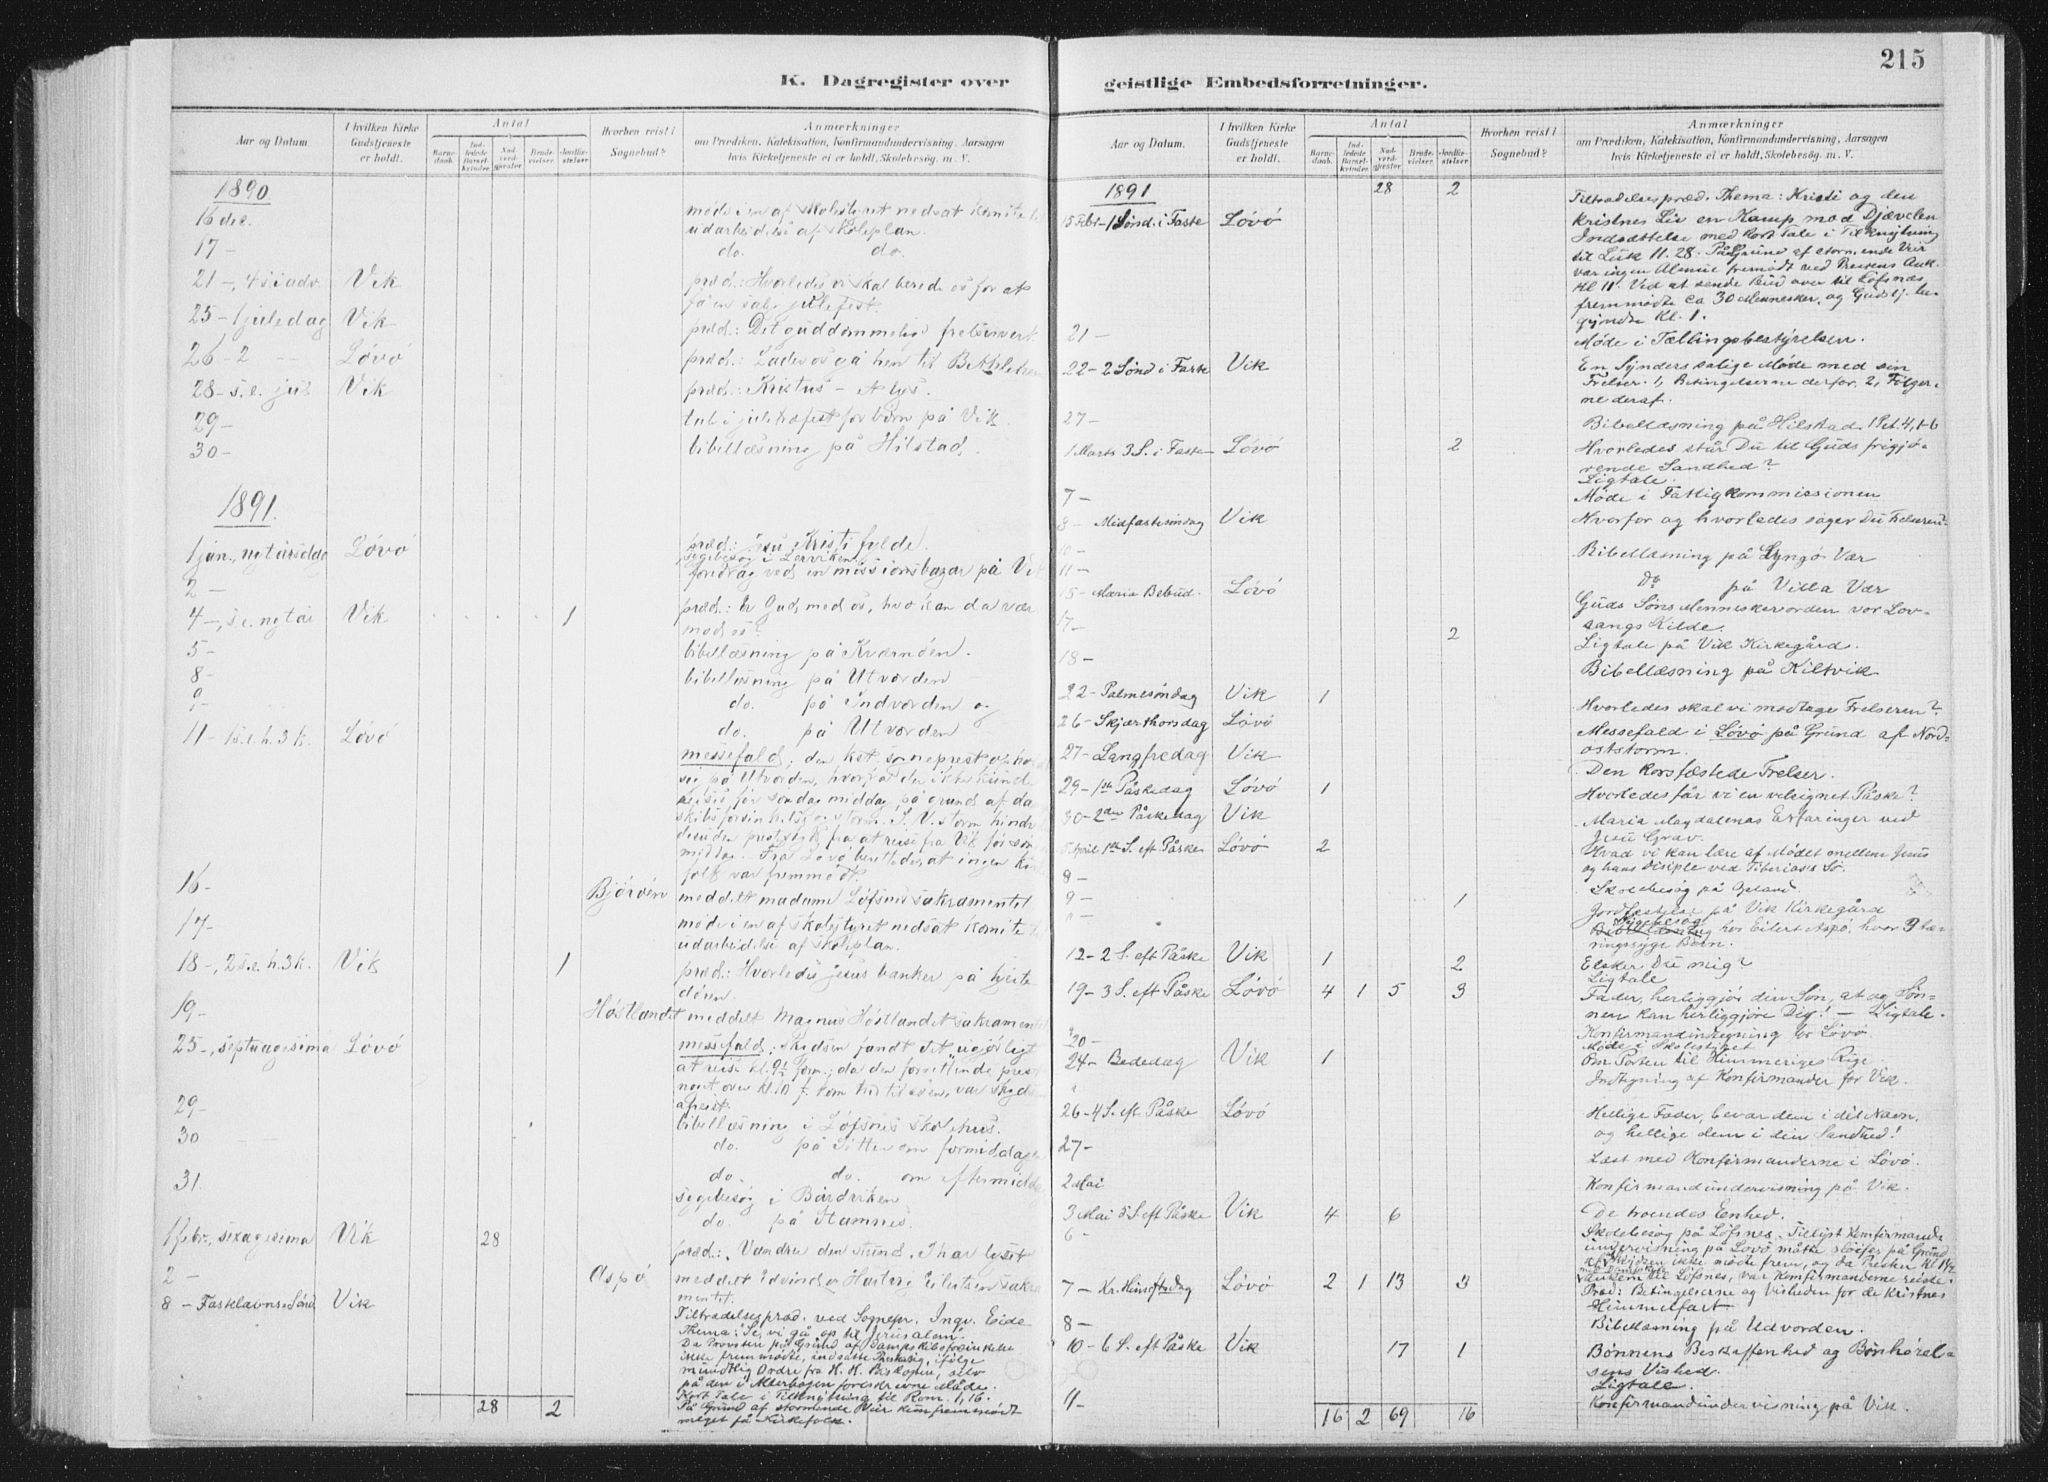 SAT, Ministerialprotokoller, klokkerbøker og fødselsregistre - Nord-Trøndelag, 771/L0597: Ministerialbok nr. 771A04, 1885-1910, s. 215